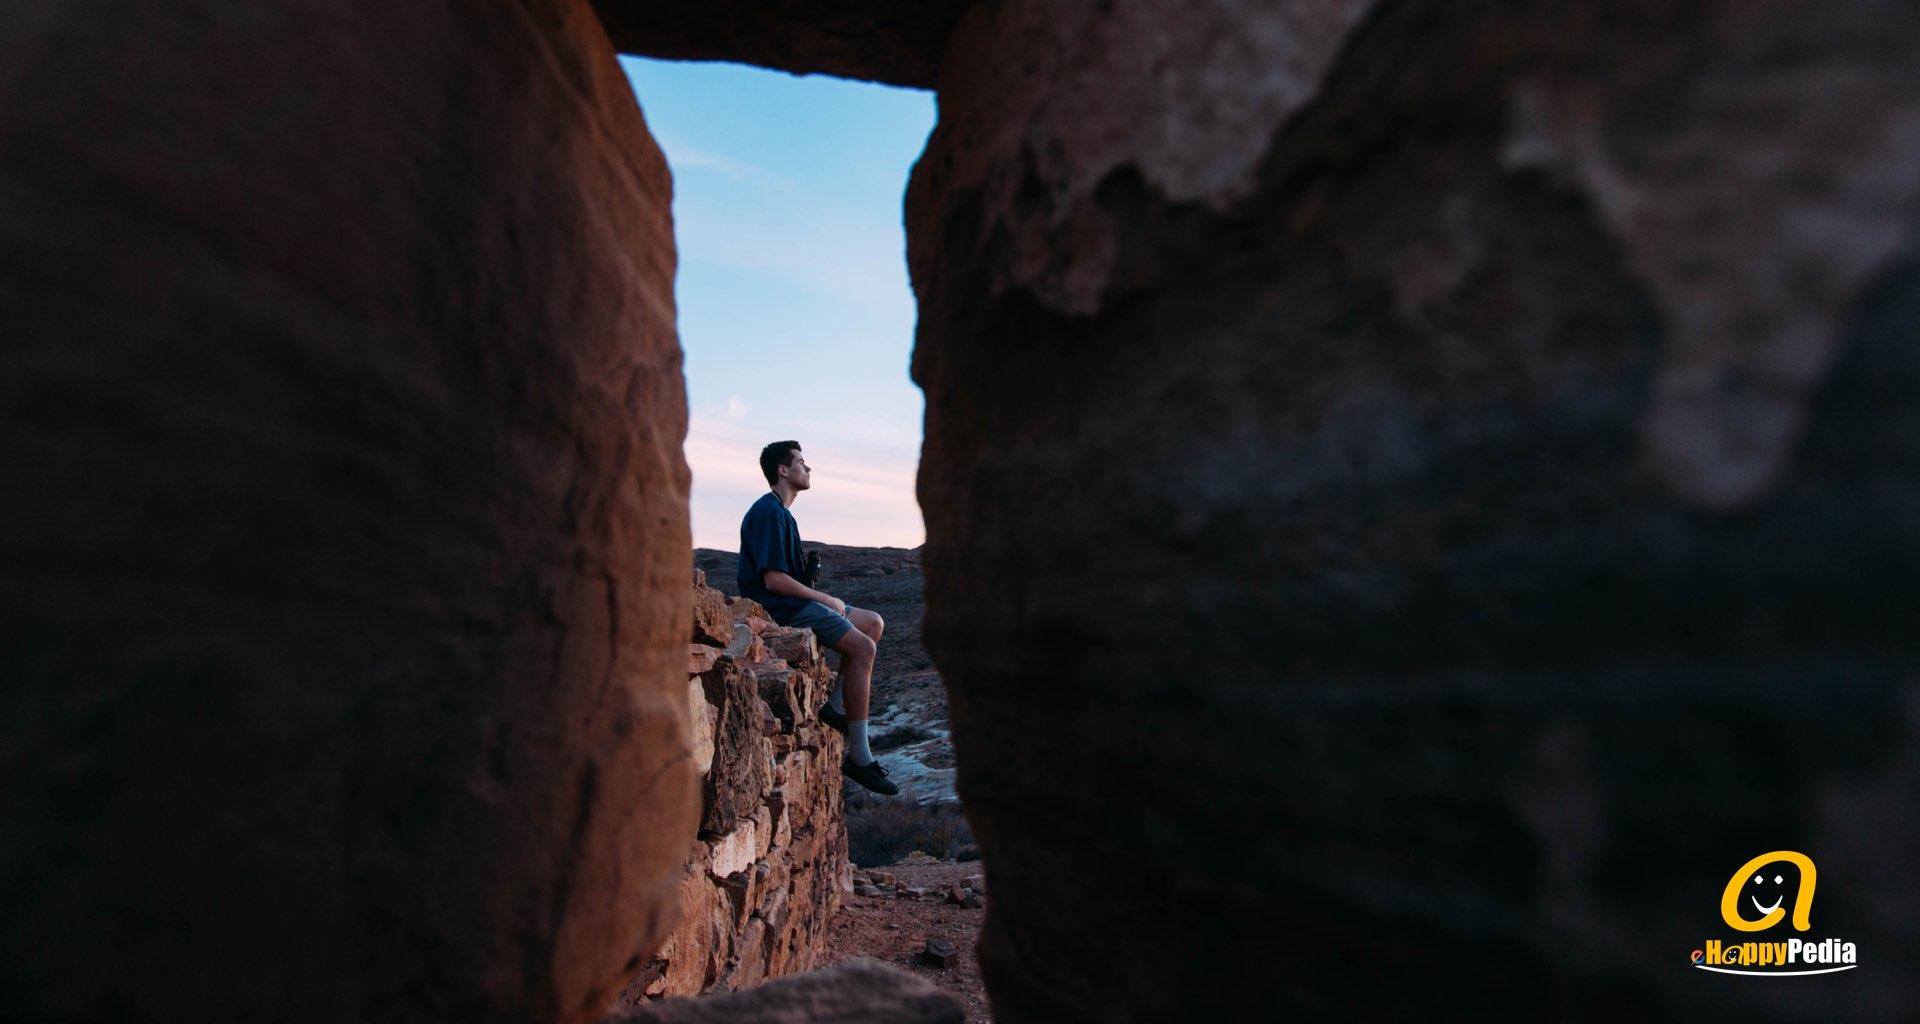 blog - man alone rock montains dark window.jpeg